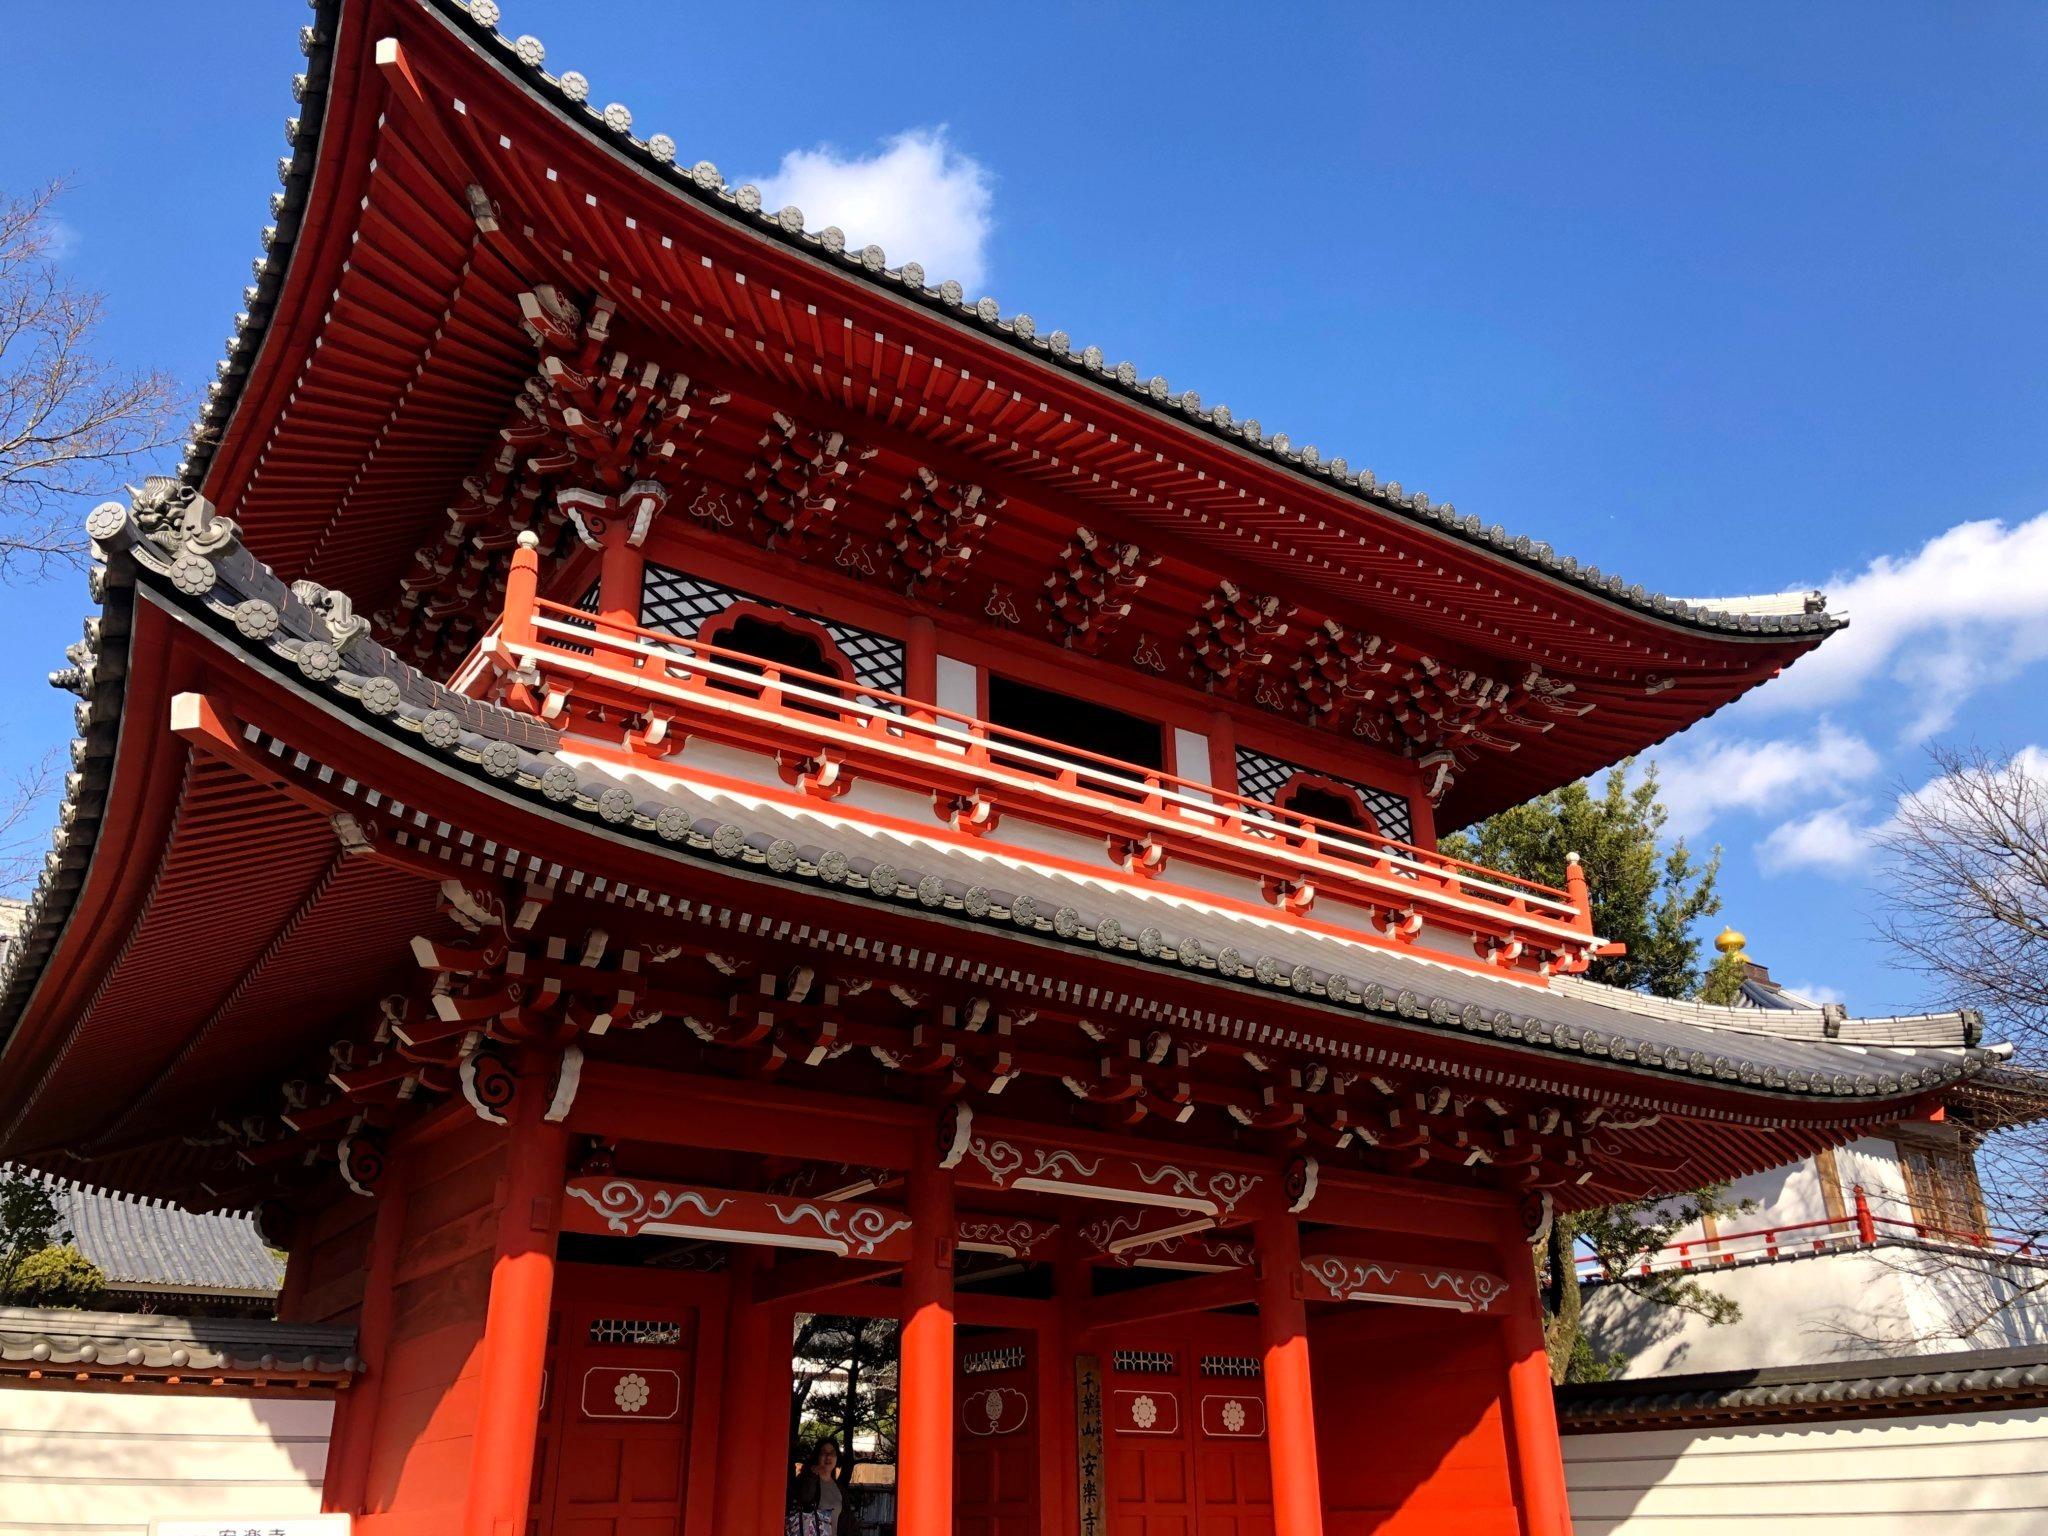 近所な由緒あるお寺